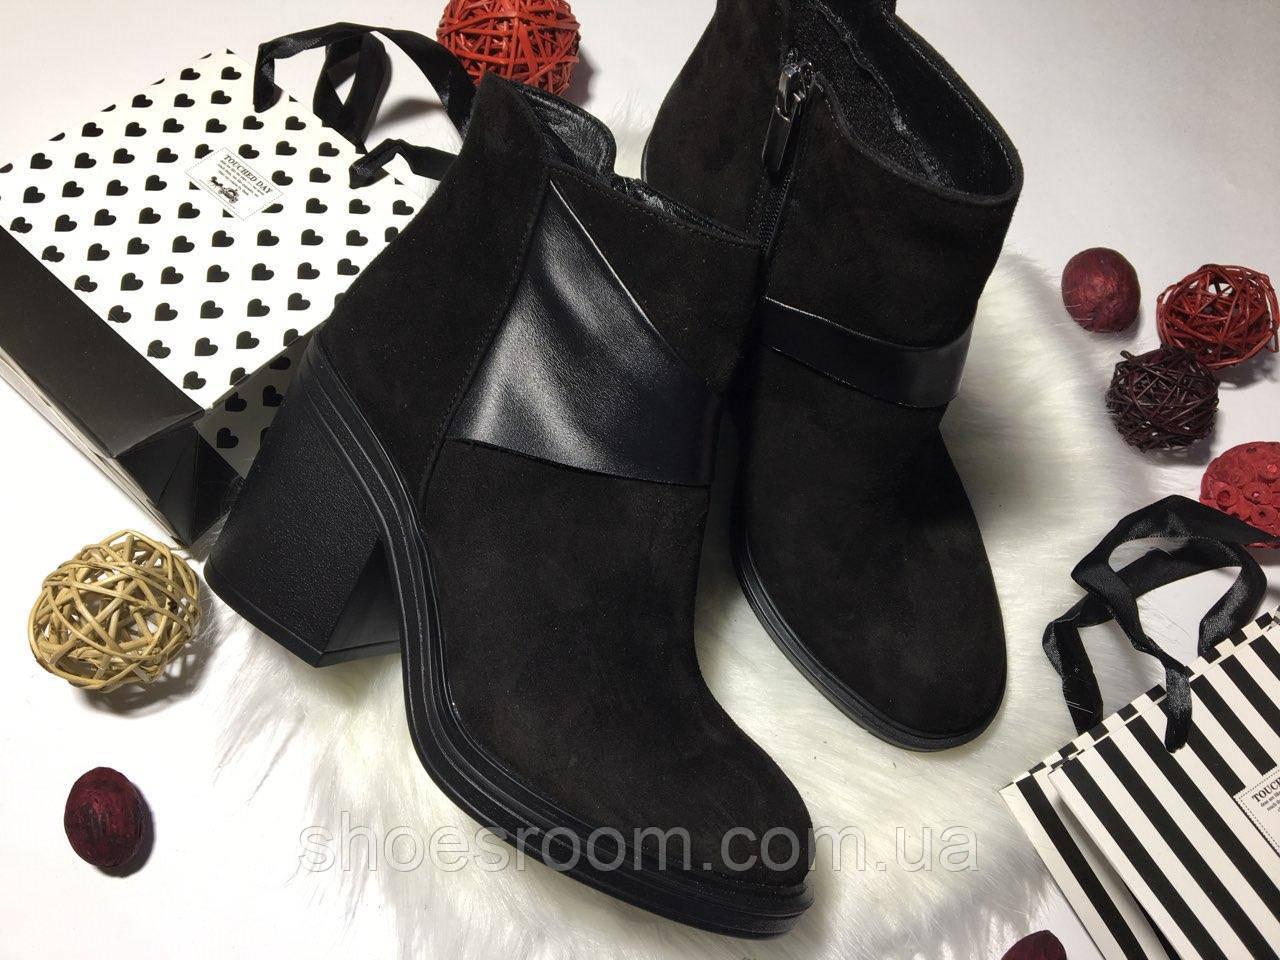 dd86e268b Ботинки, ботильоны женские весна/осень, велюр, черные - Интернет-магазин  обуви